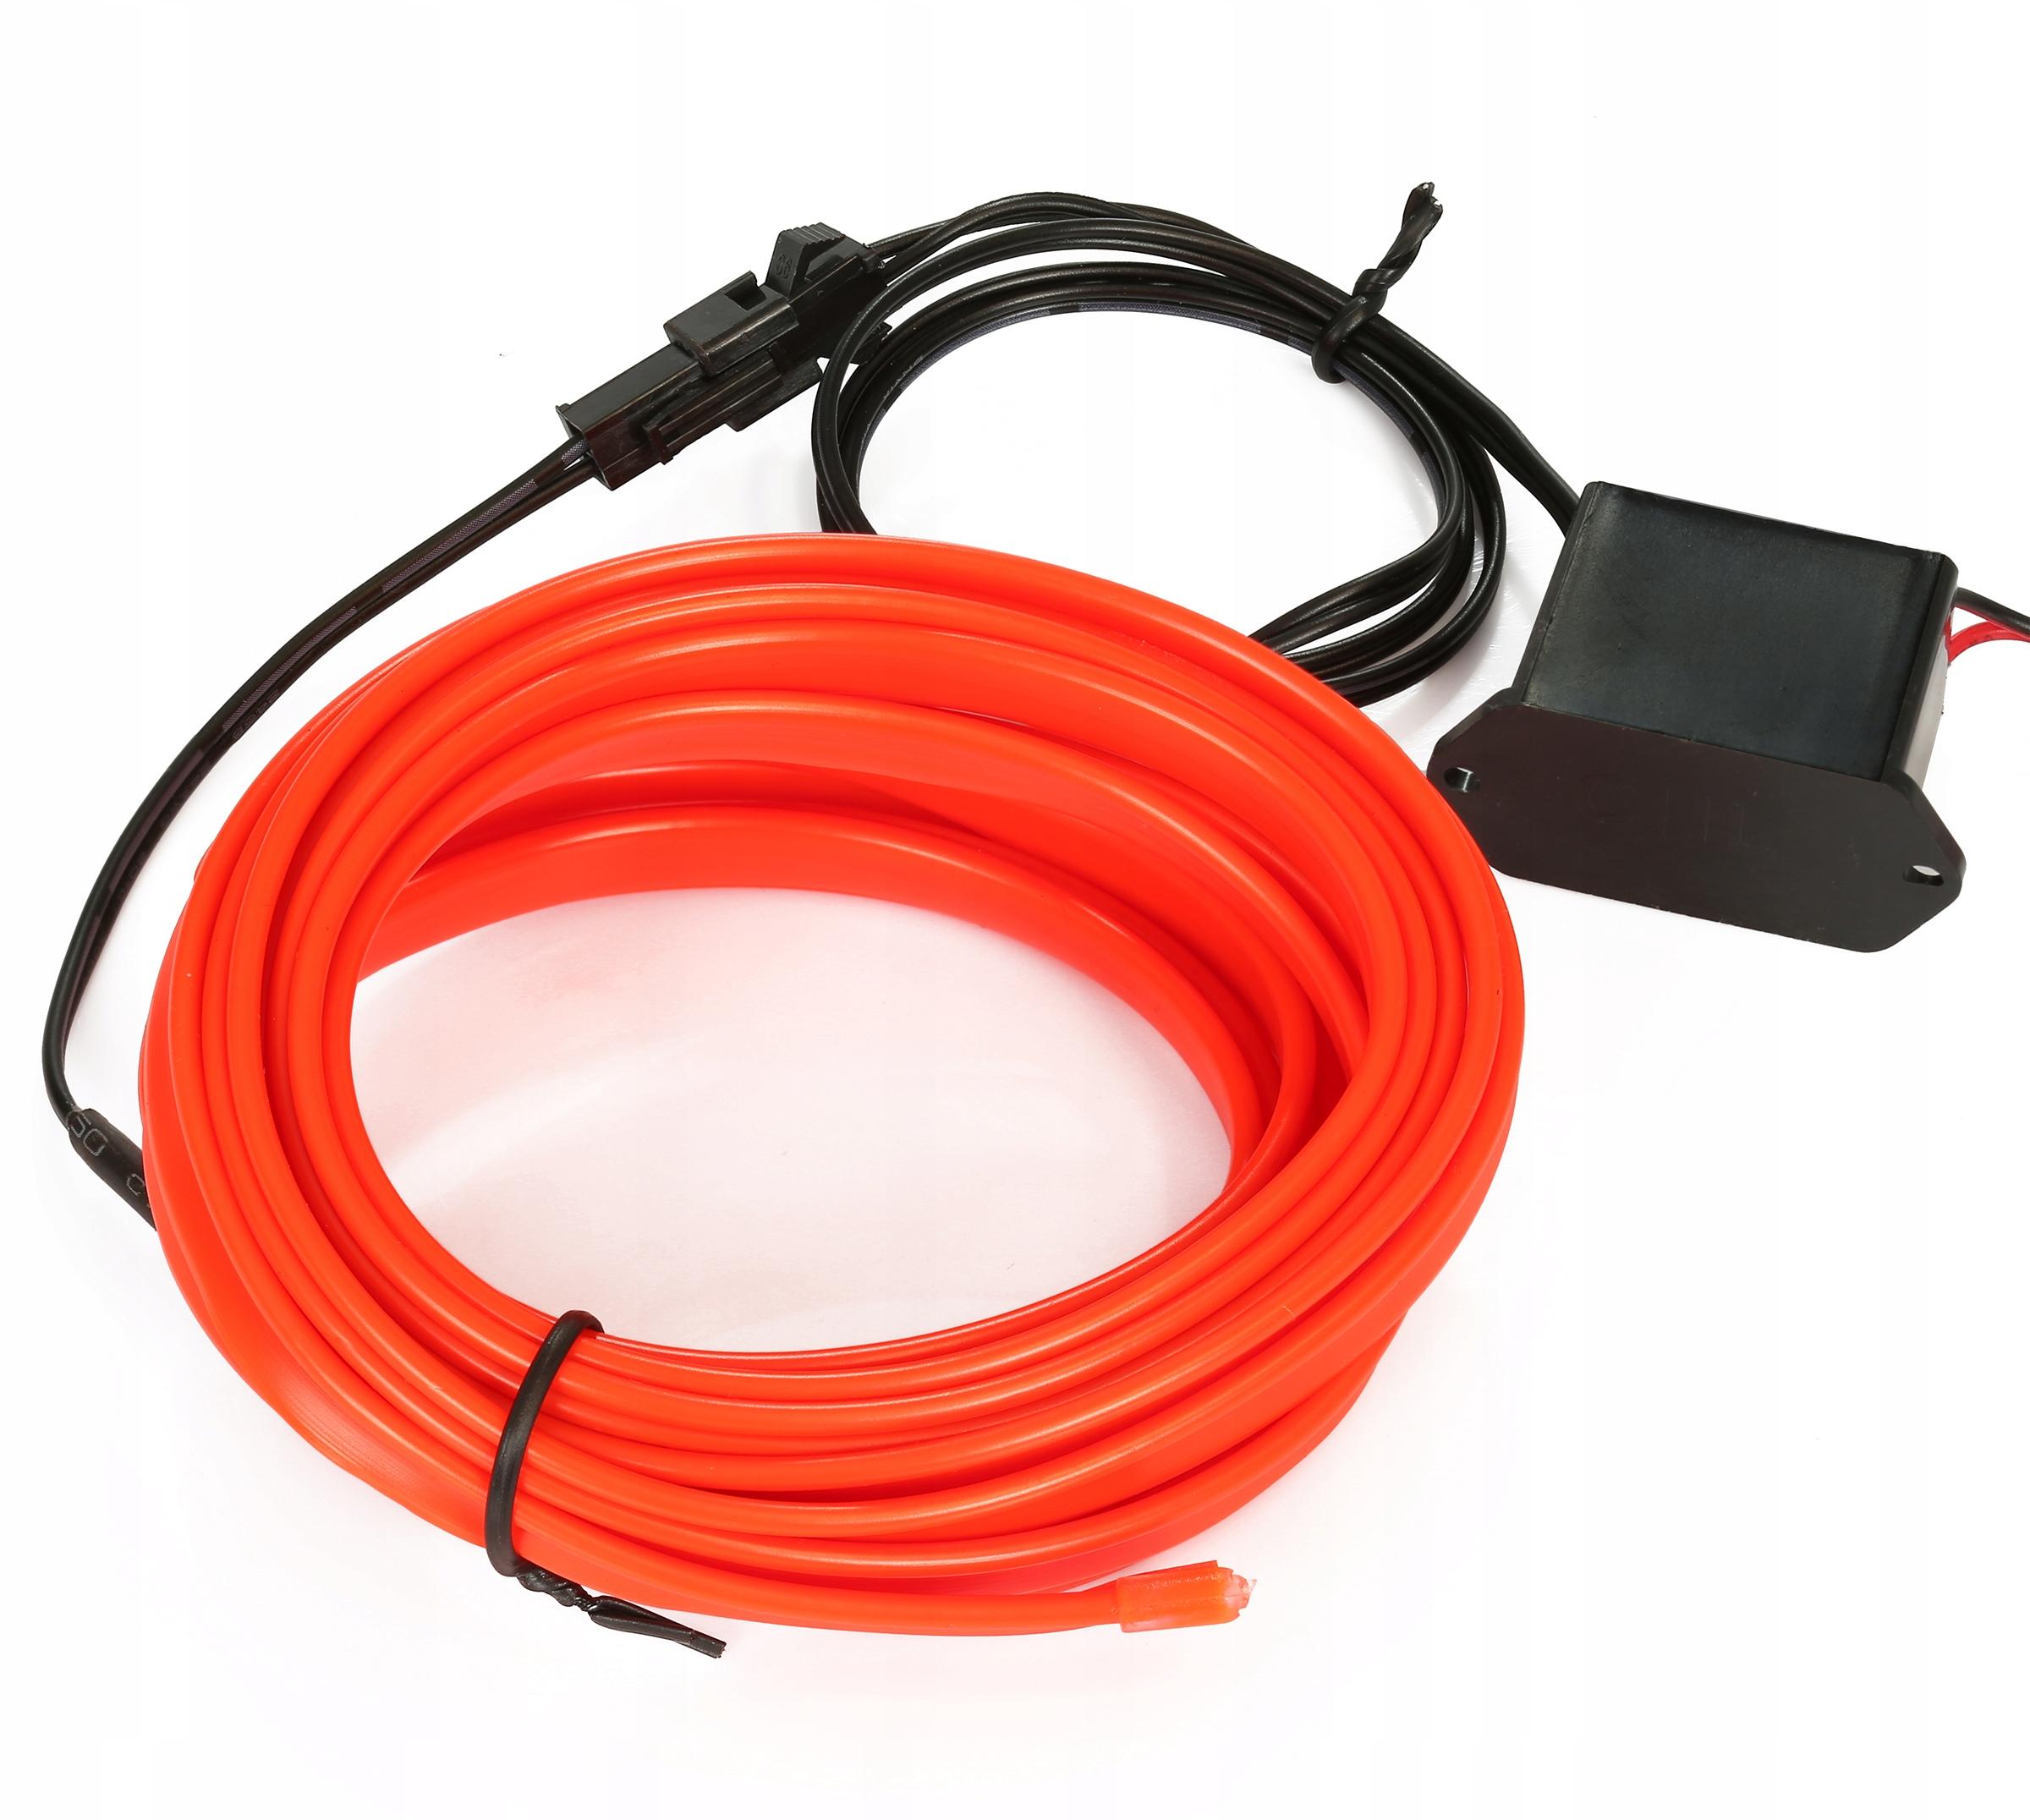 3m Волоконно-оптический кабель el wire лента ambient панель как led